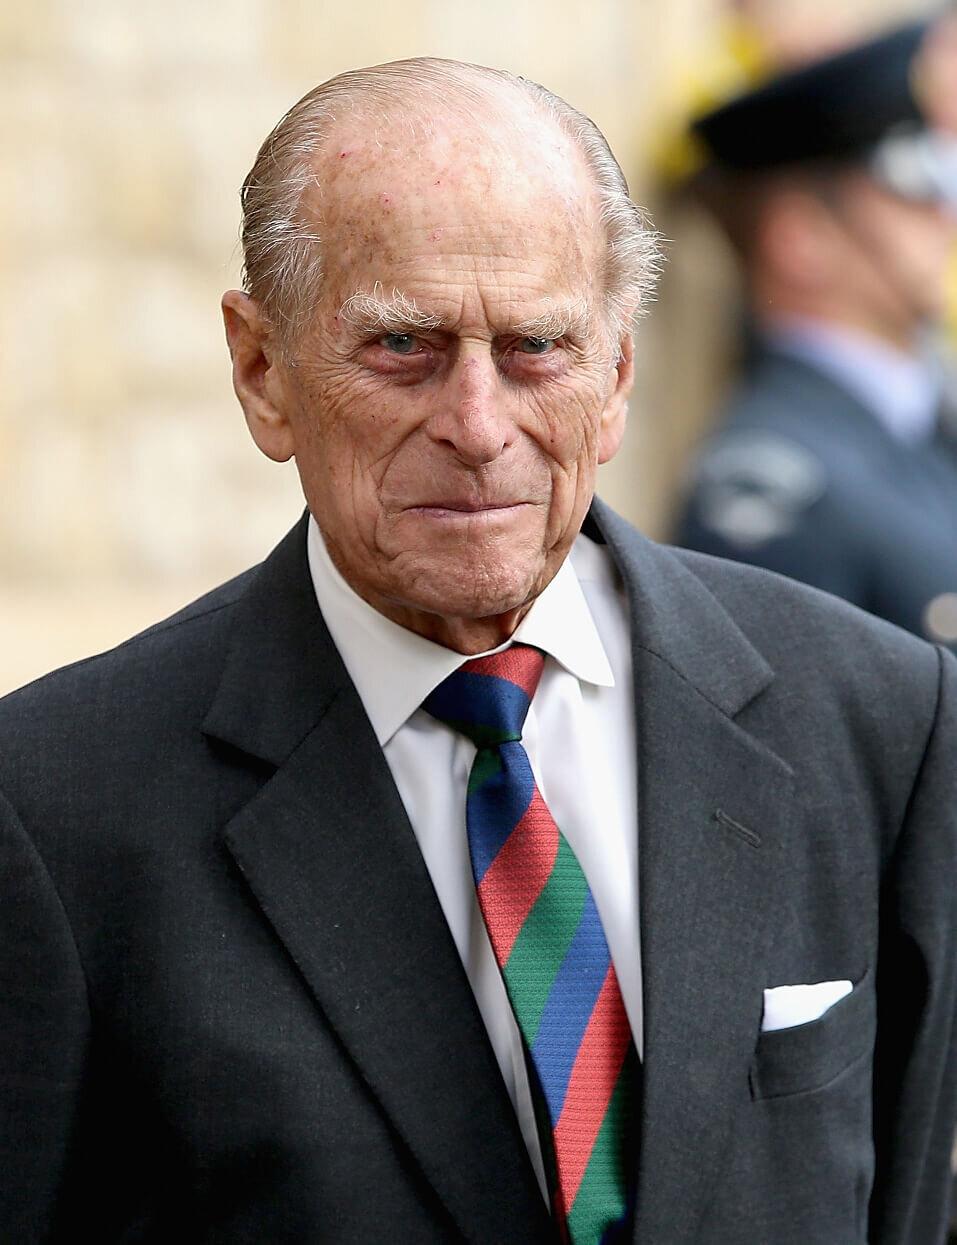 Prinz Philip war vor seiner Hochzeit mit Queen Elizabeth nahezu mittellos, was ihn nicht gerade zum idealen Heiratskandidaten machte. © picture alliance / empics